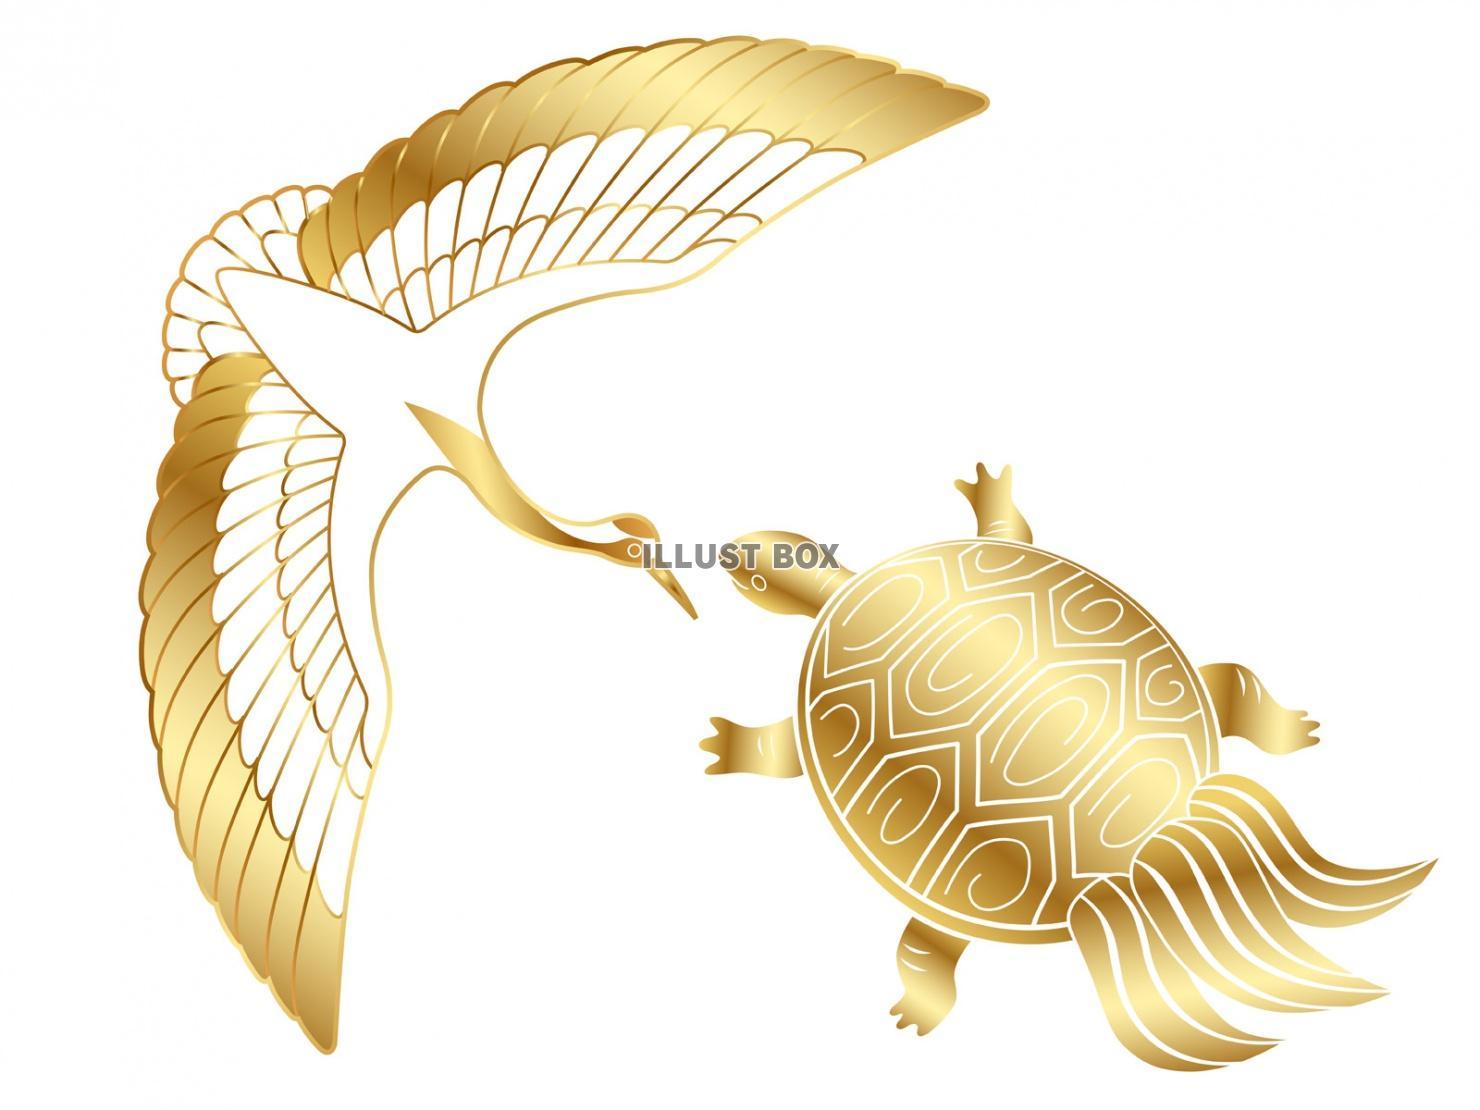 無料イラスト 金色の鶴と亀